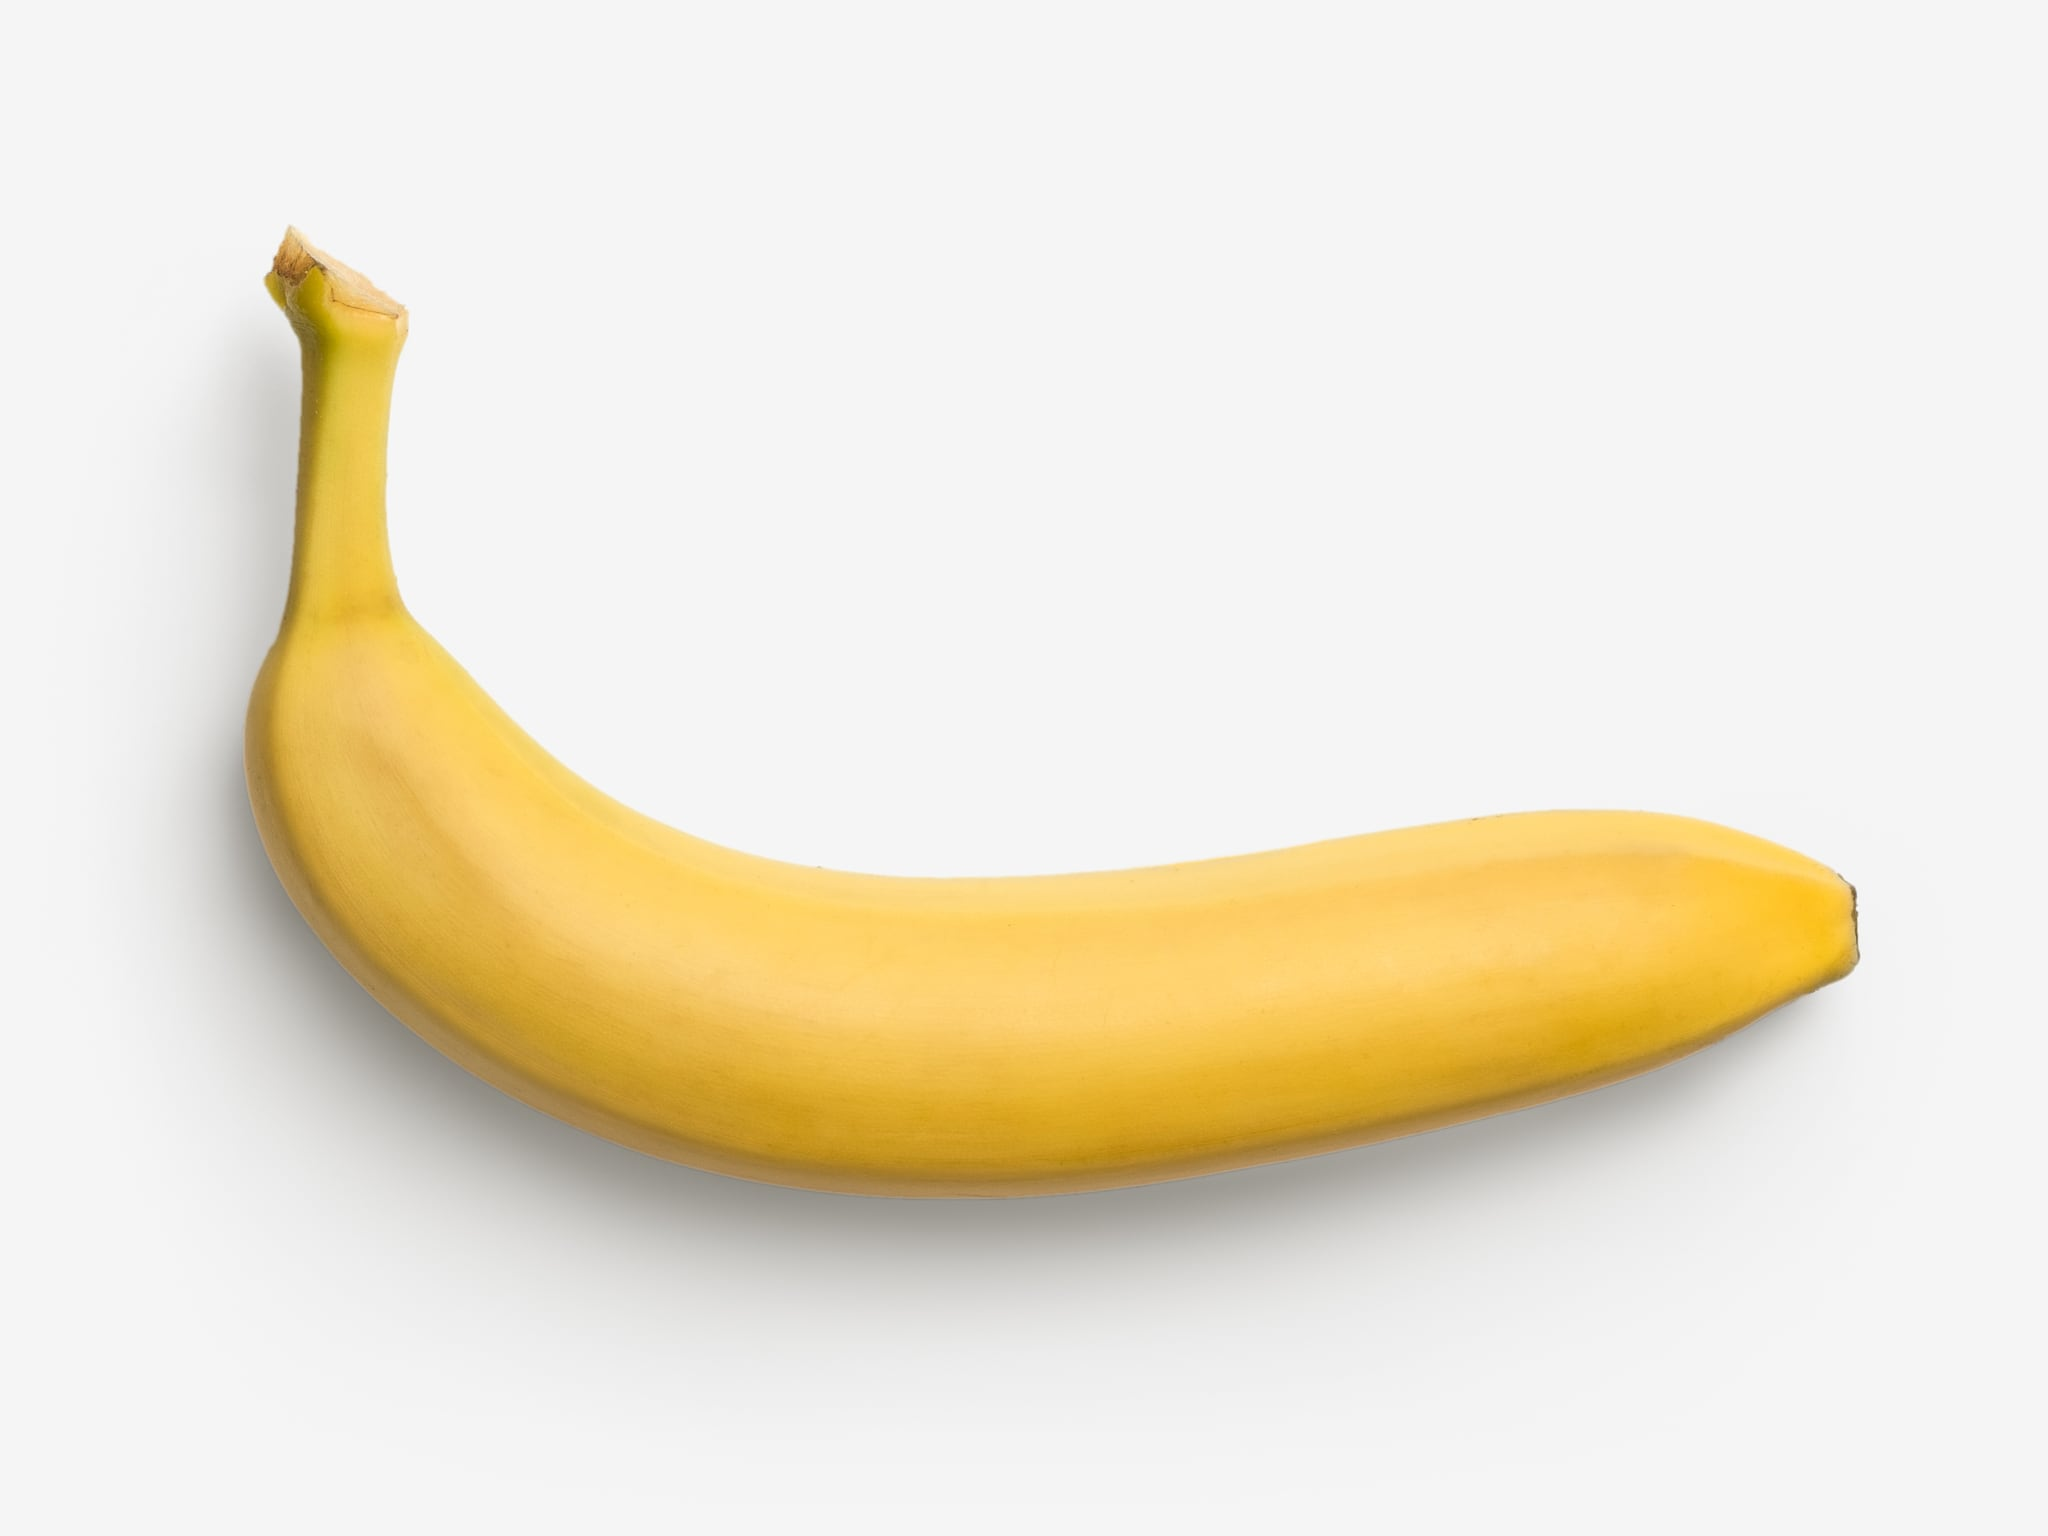 Banana PSD isolated image